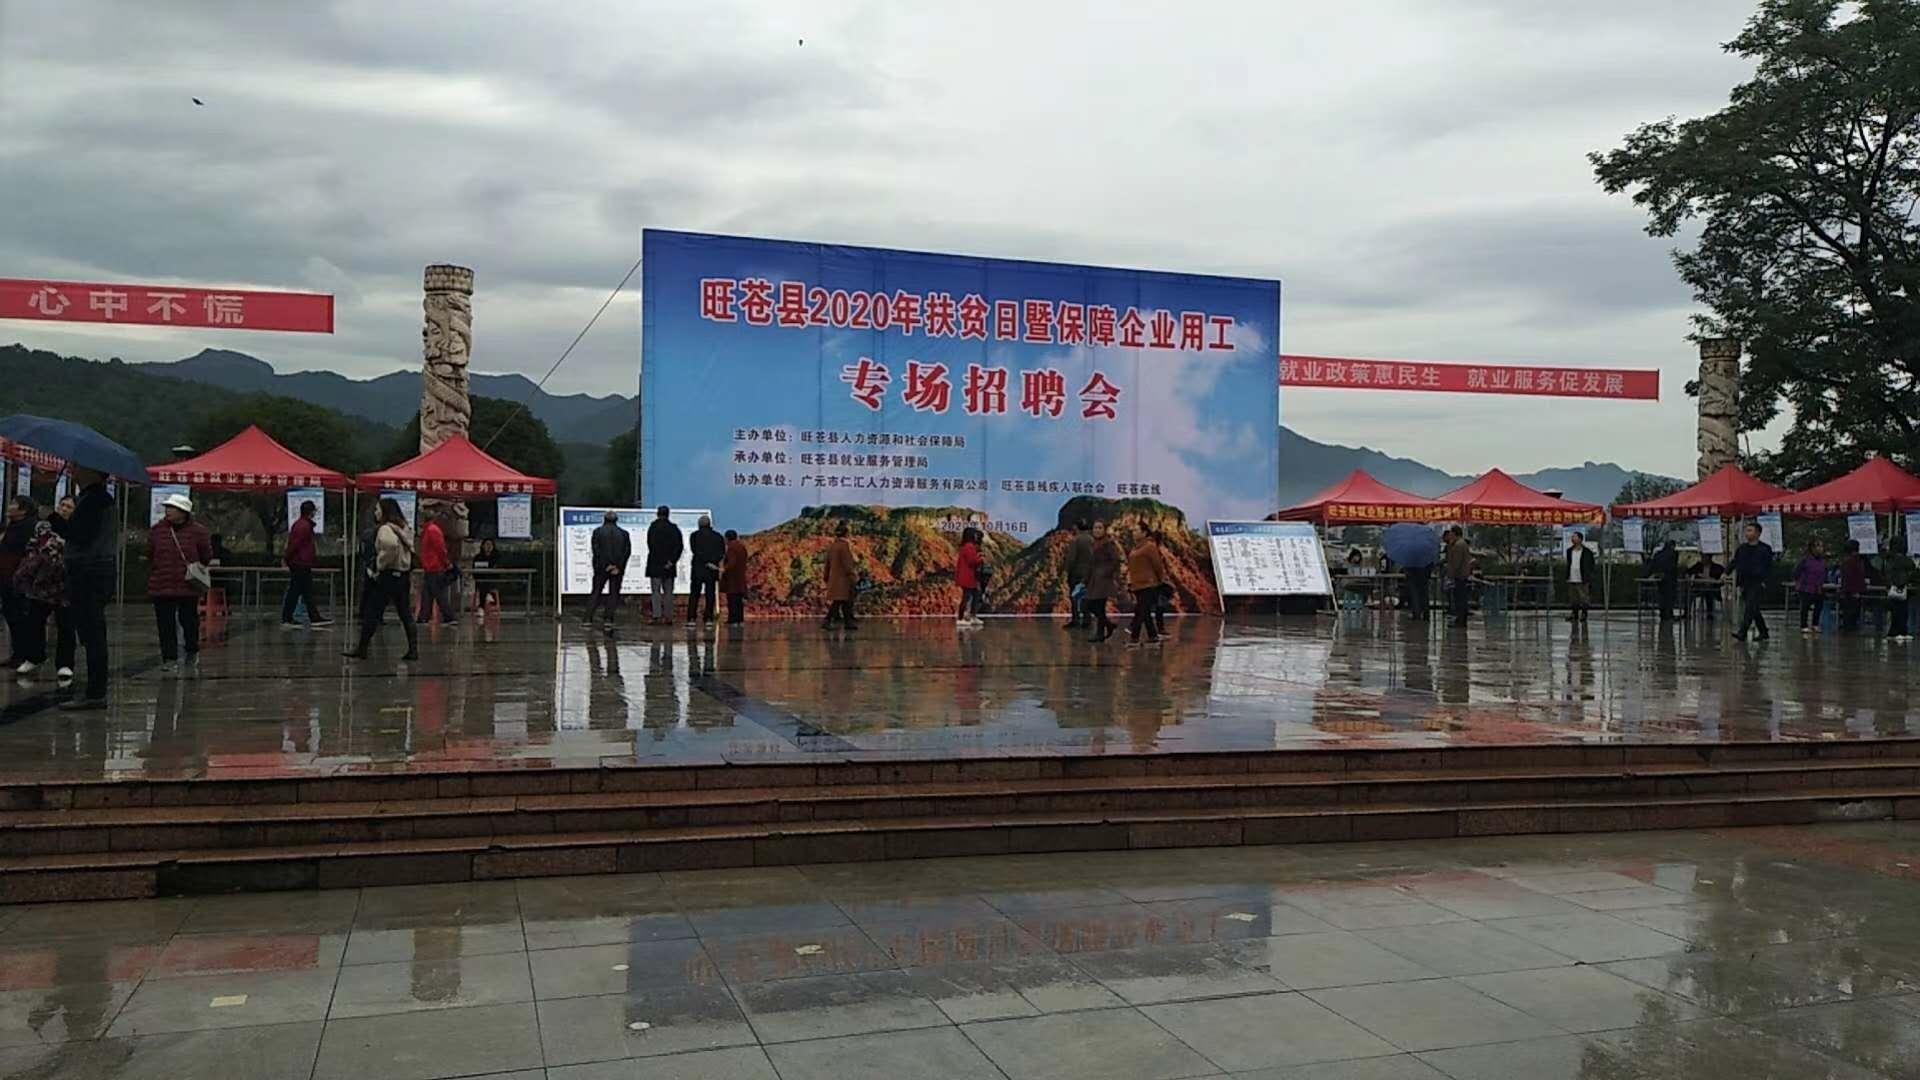 重庆旺苍万博manbetx下载地址2020年扶贫日暨专场招聘会...